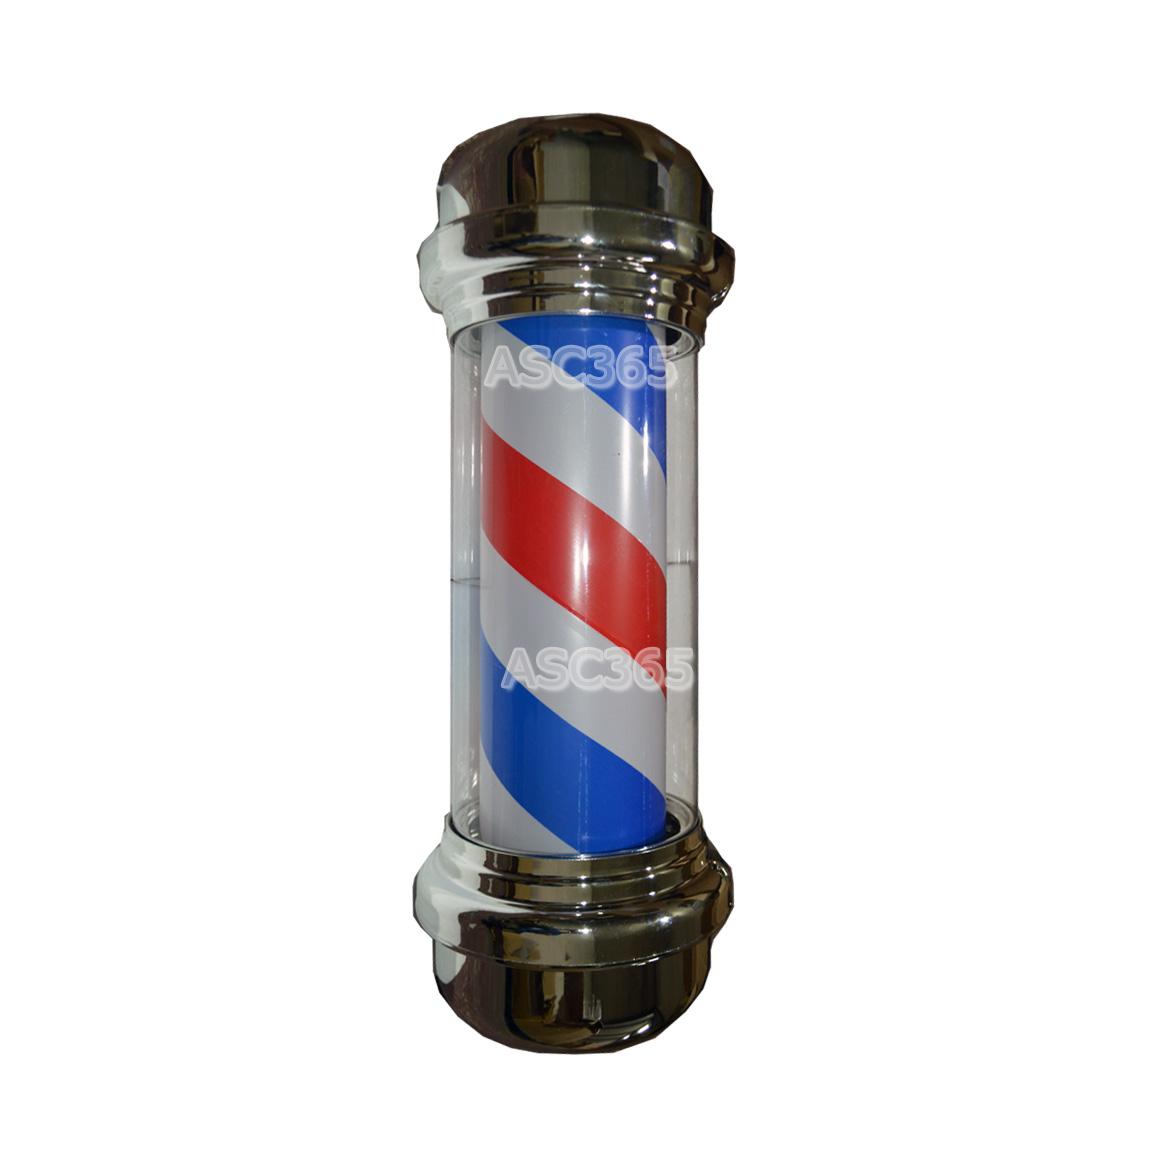 Barber Pole LED Light Red White Blue Stripes Rotating